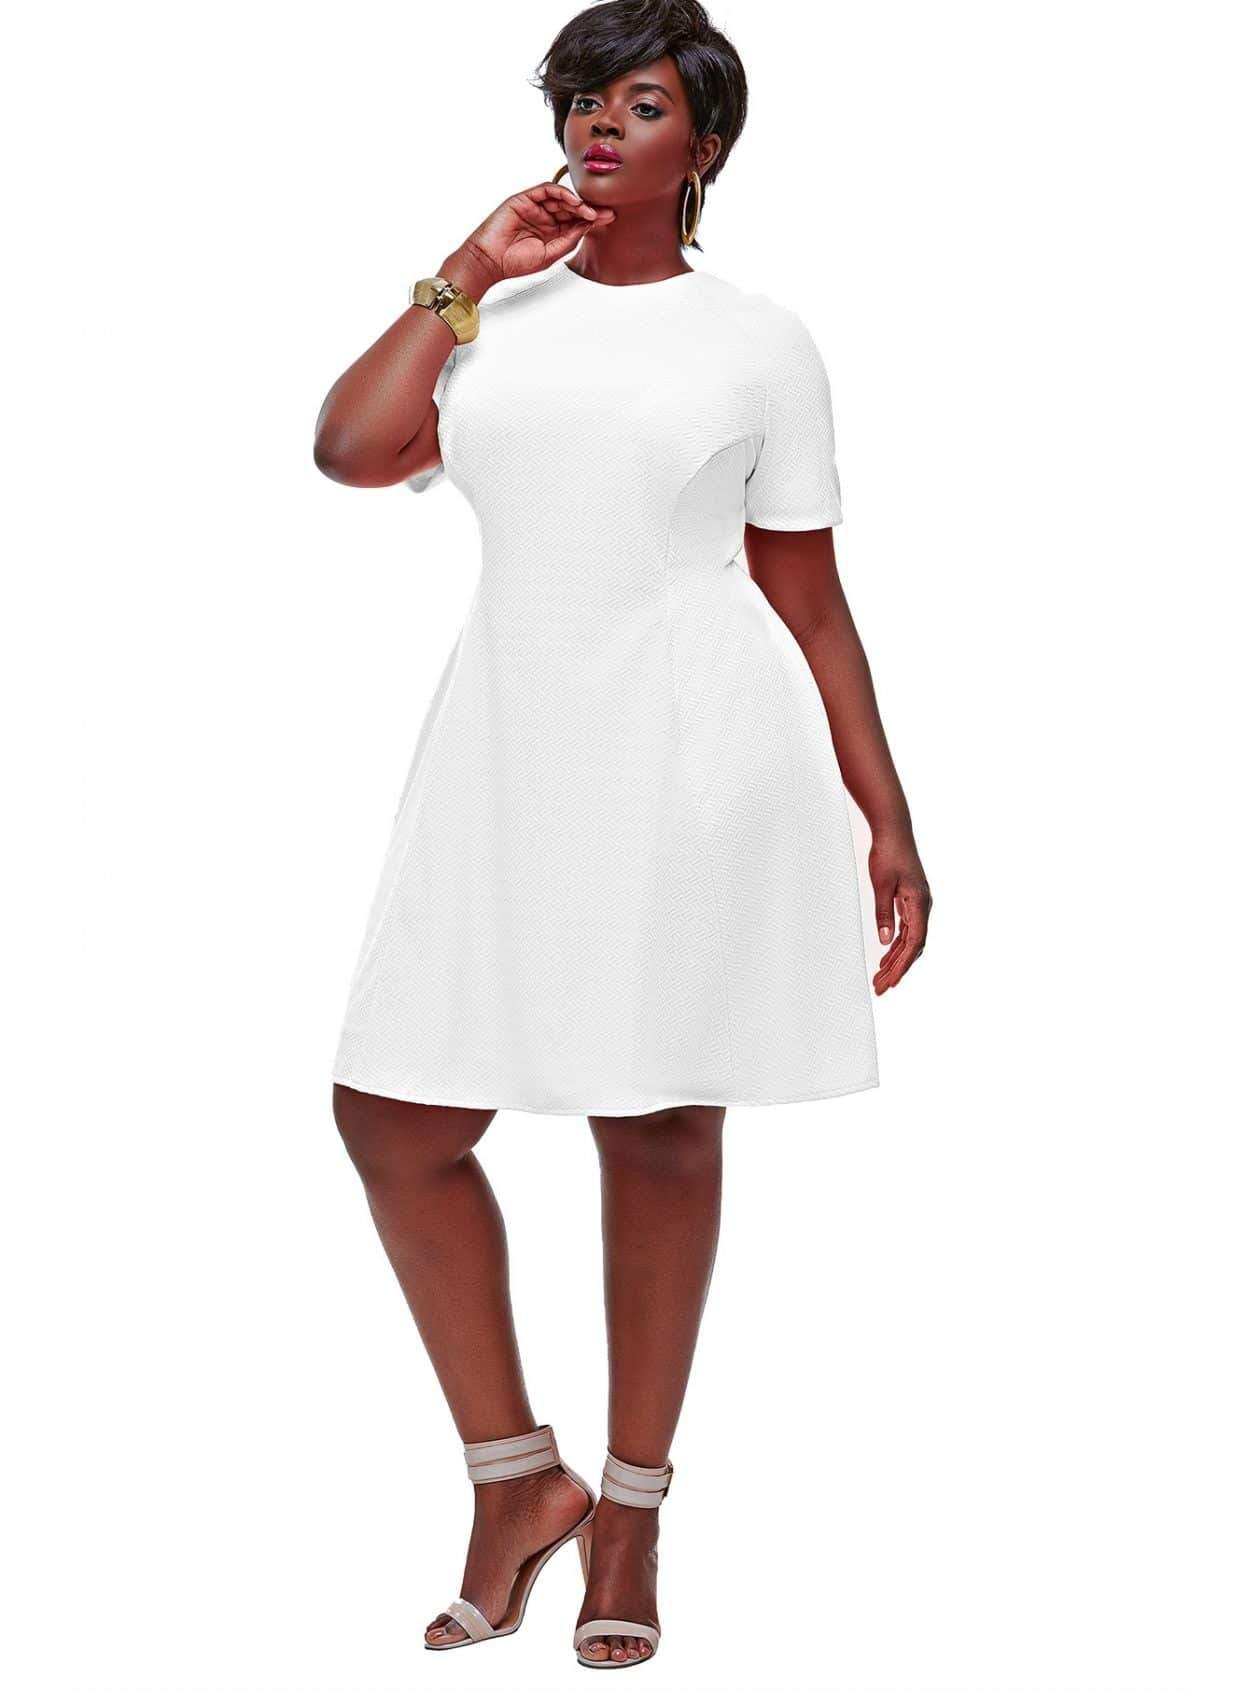 Monif C Plus Sizes- Janel Colorblock Tennis Plus Size Dress